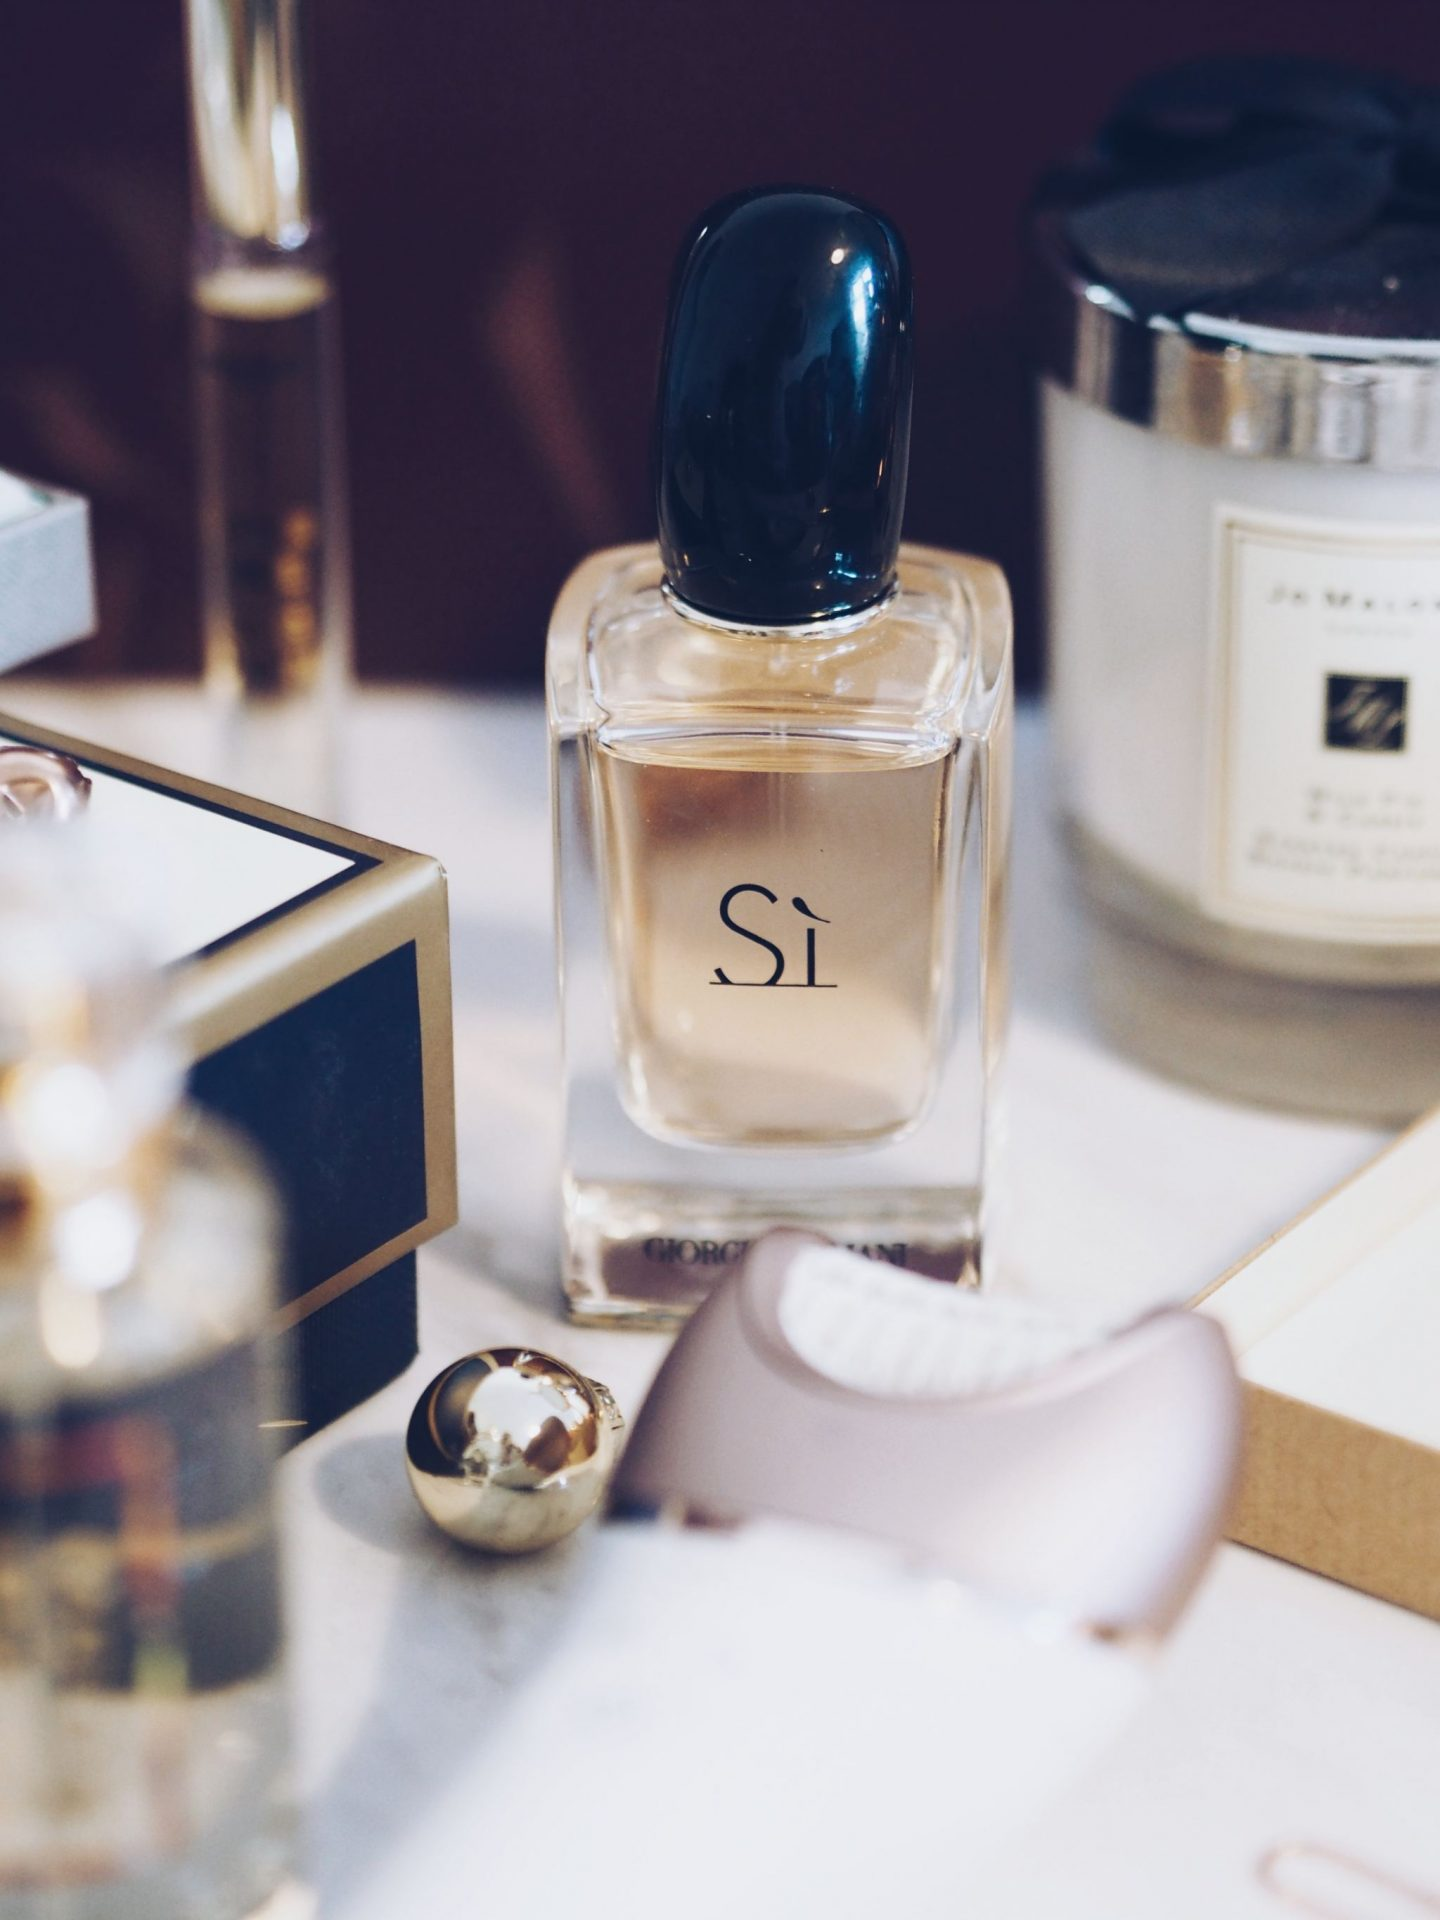 armarni si perfume